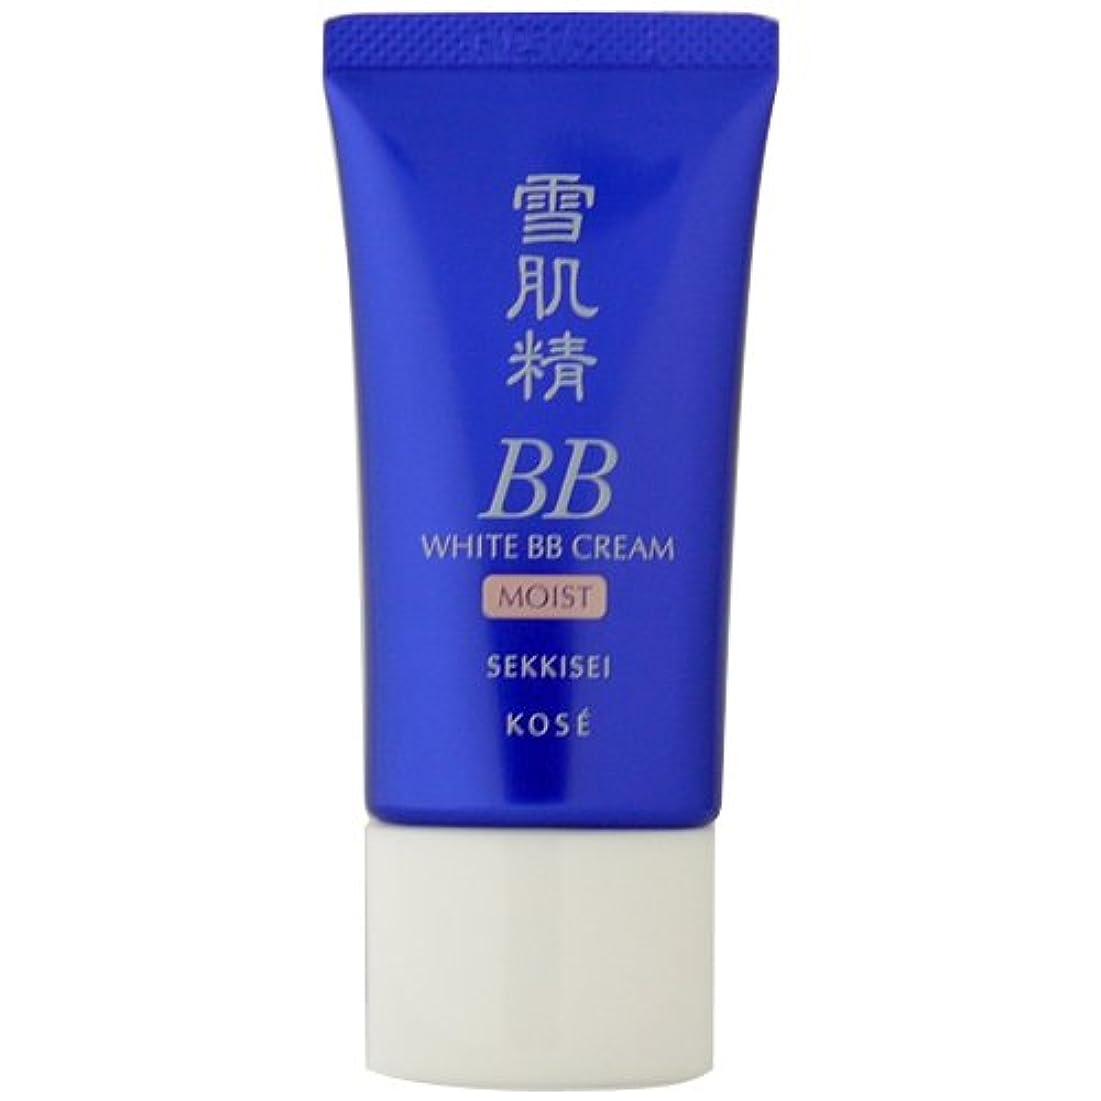 コーセー 雪肌精 ホワイトBBクリーム SPF40 PA+++ 【02】 [並行輸入品]